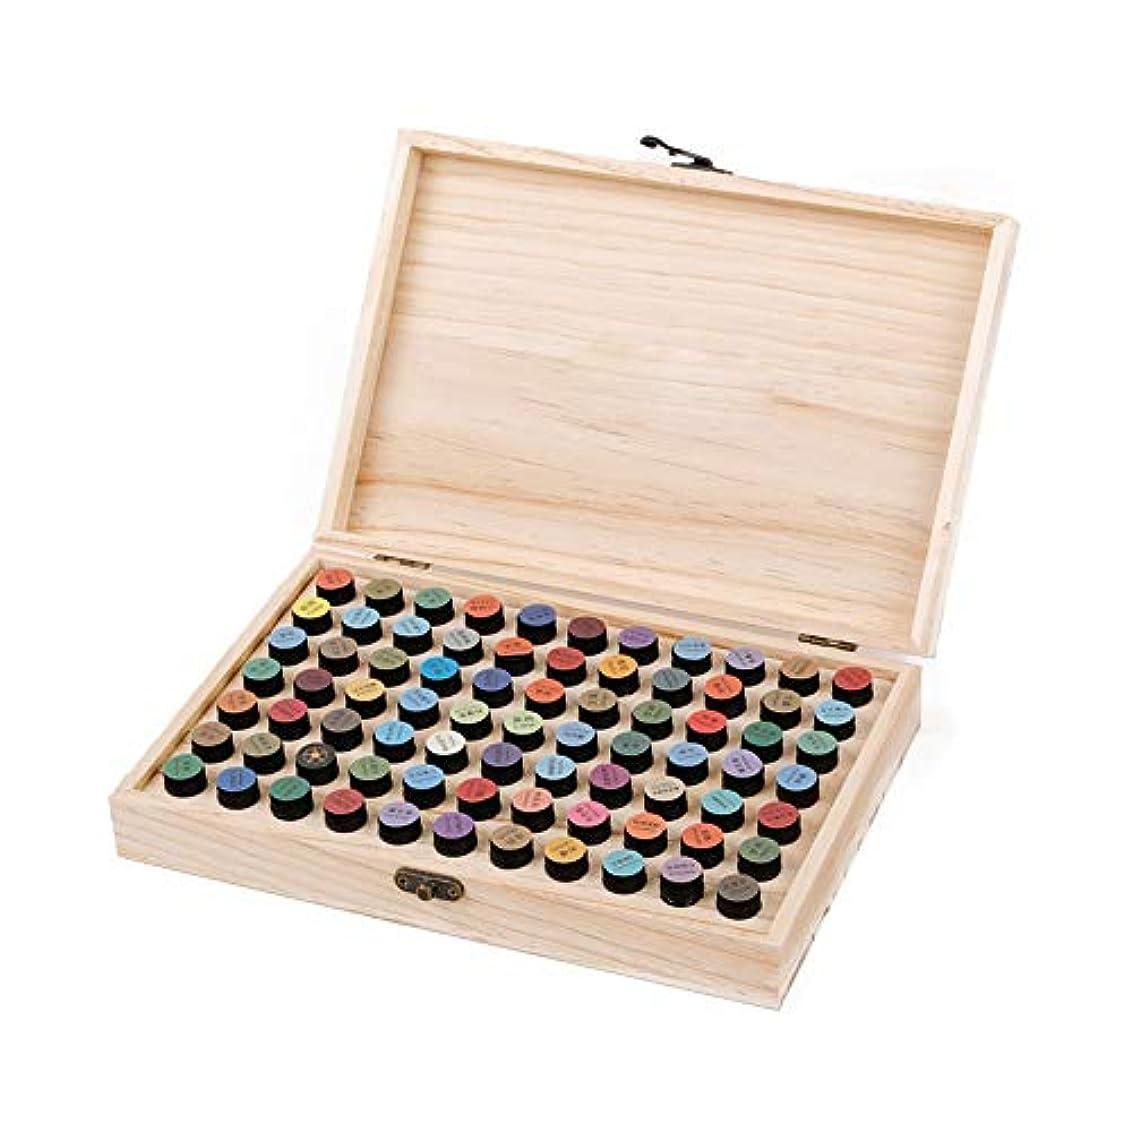 橋脚レディ財産エッセンシャルオイルボックス 2ミリリットルのエッセンシャルオイル木製収納ボックスあなたの貴重なエッセンシャルオイルを格納するのに適した77個のスロット アロマセラピー収納ボックス (色 : Natural, サイズ :...